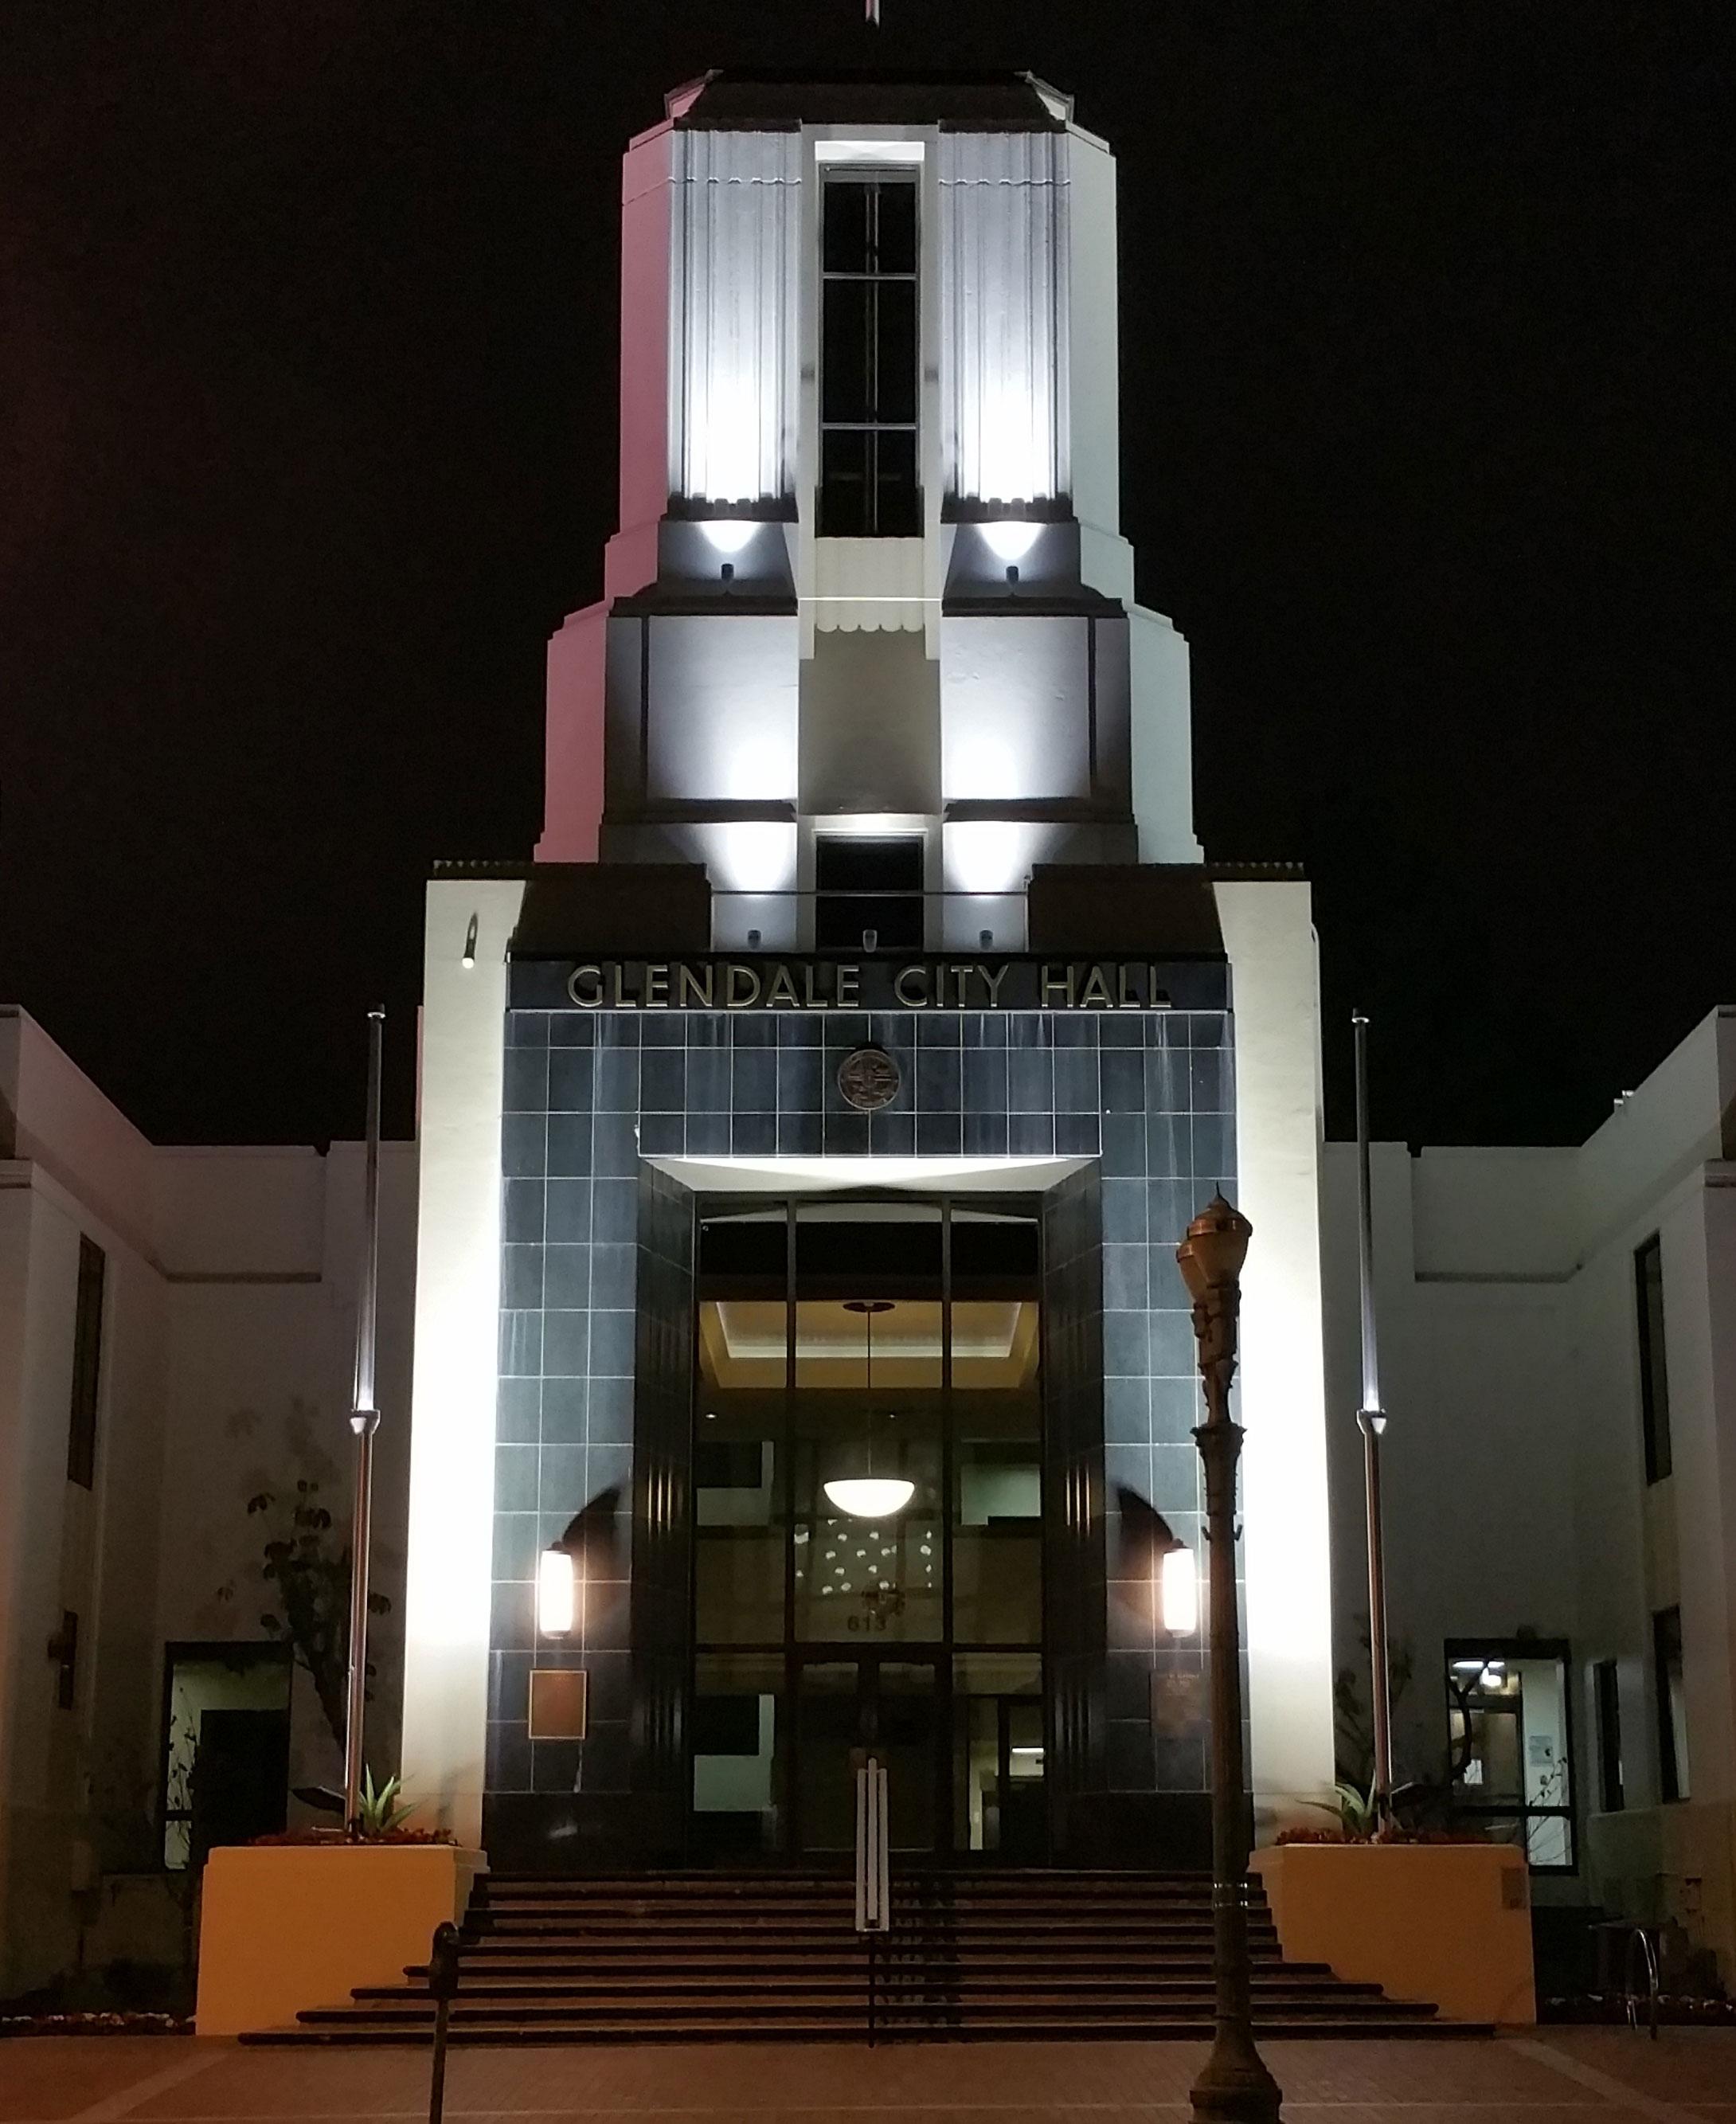 glendale_cityhall-1.jpg